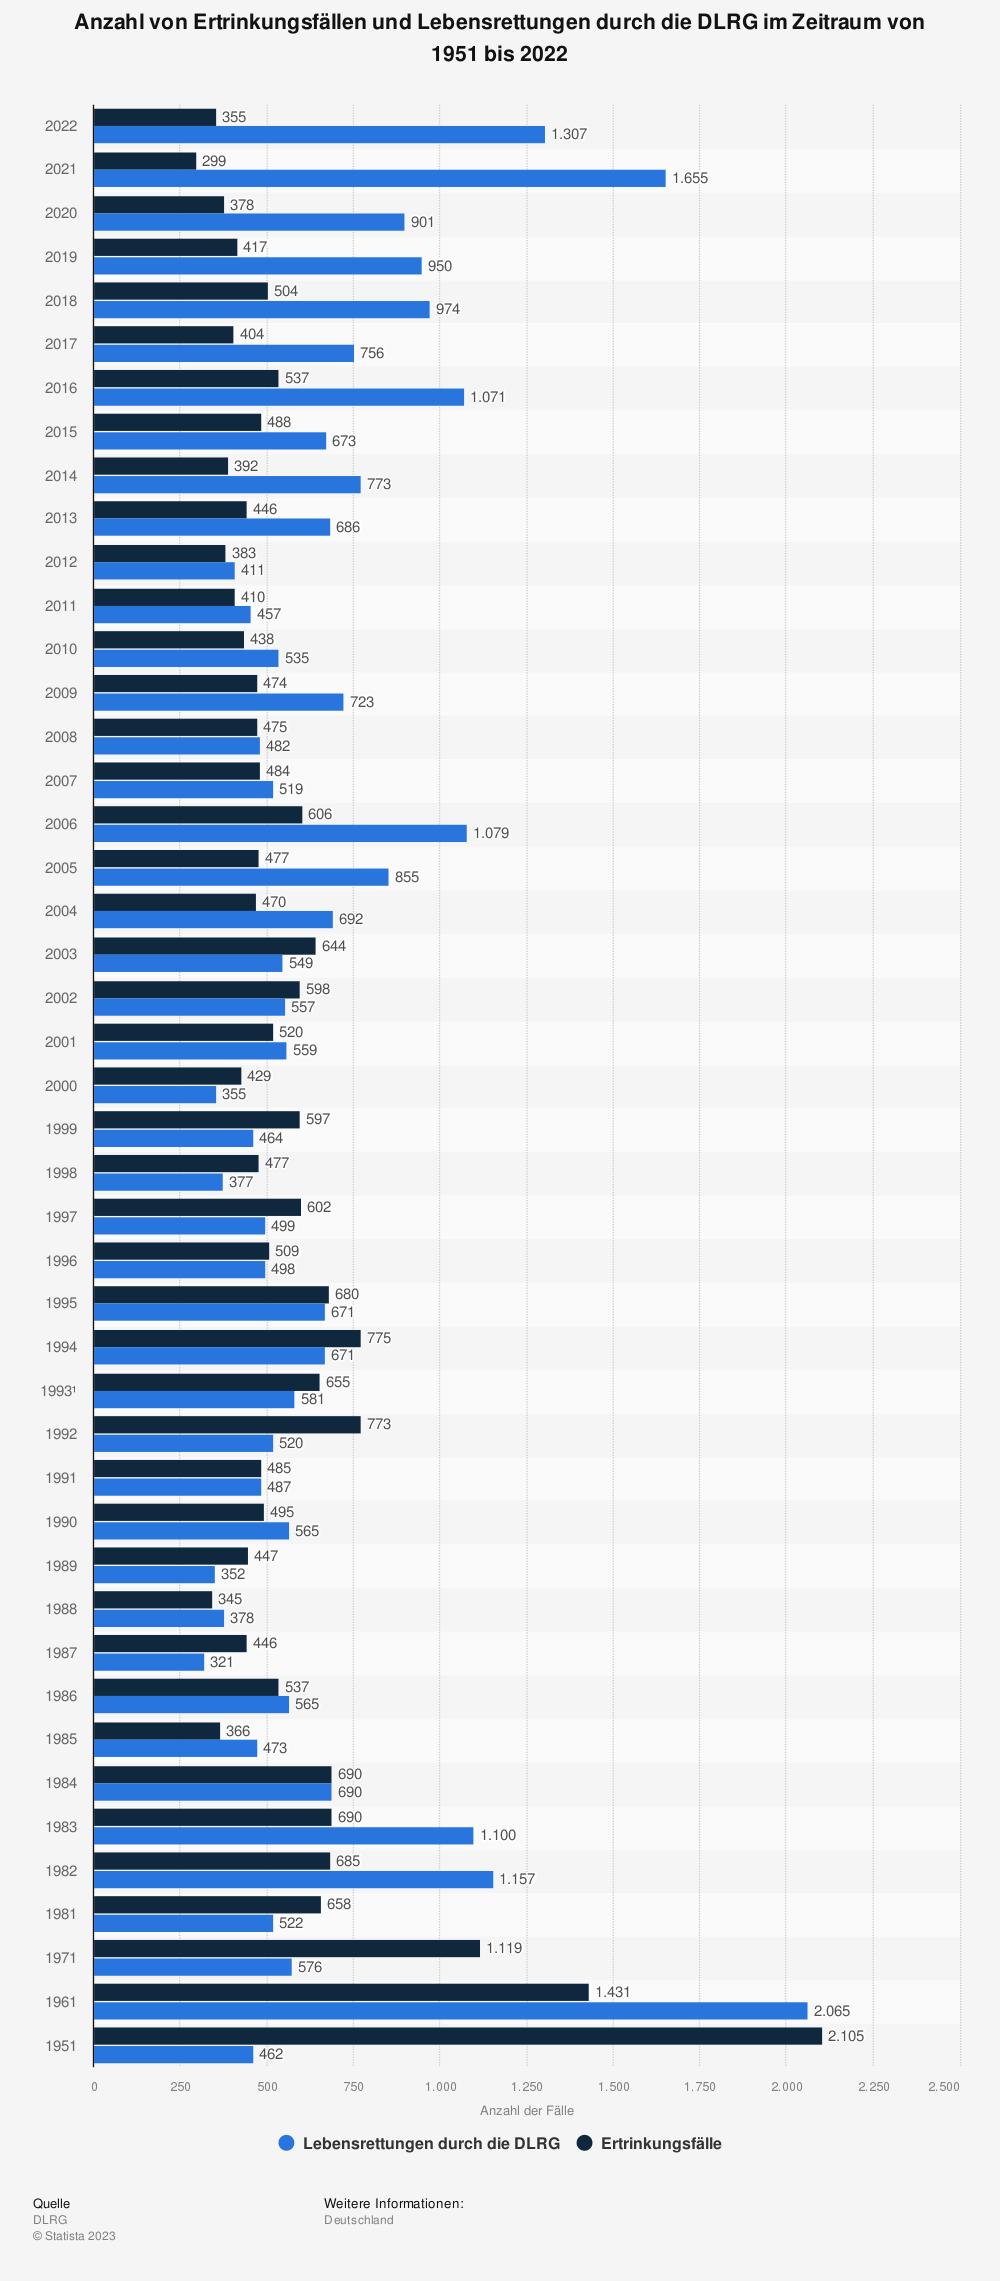 Statistik: Anzahl von Ertrinkungsfällen und Lebensrettungen durch die DLRG im Zeitraum von 1951 bis 2018 | Statista